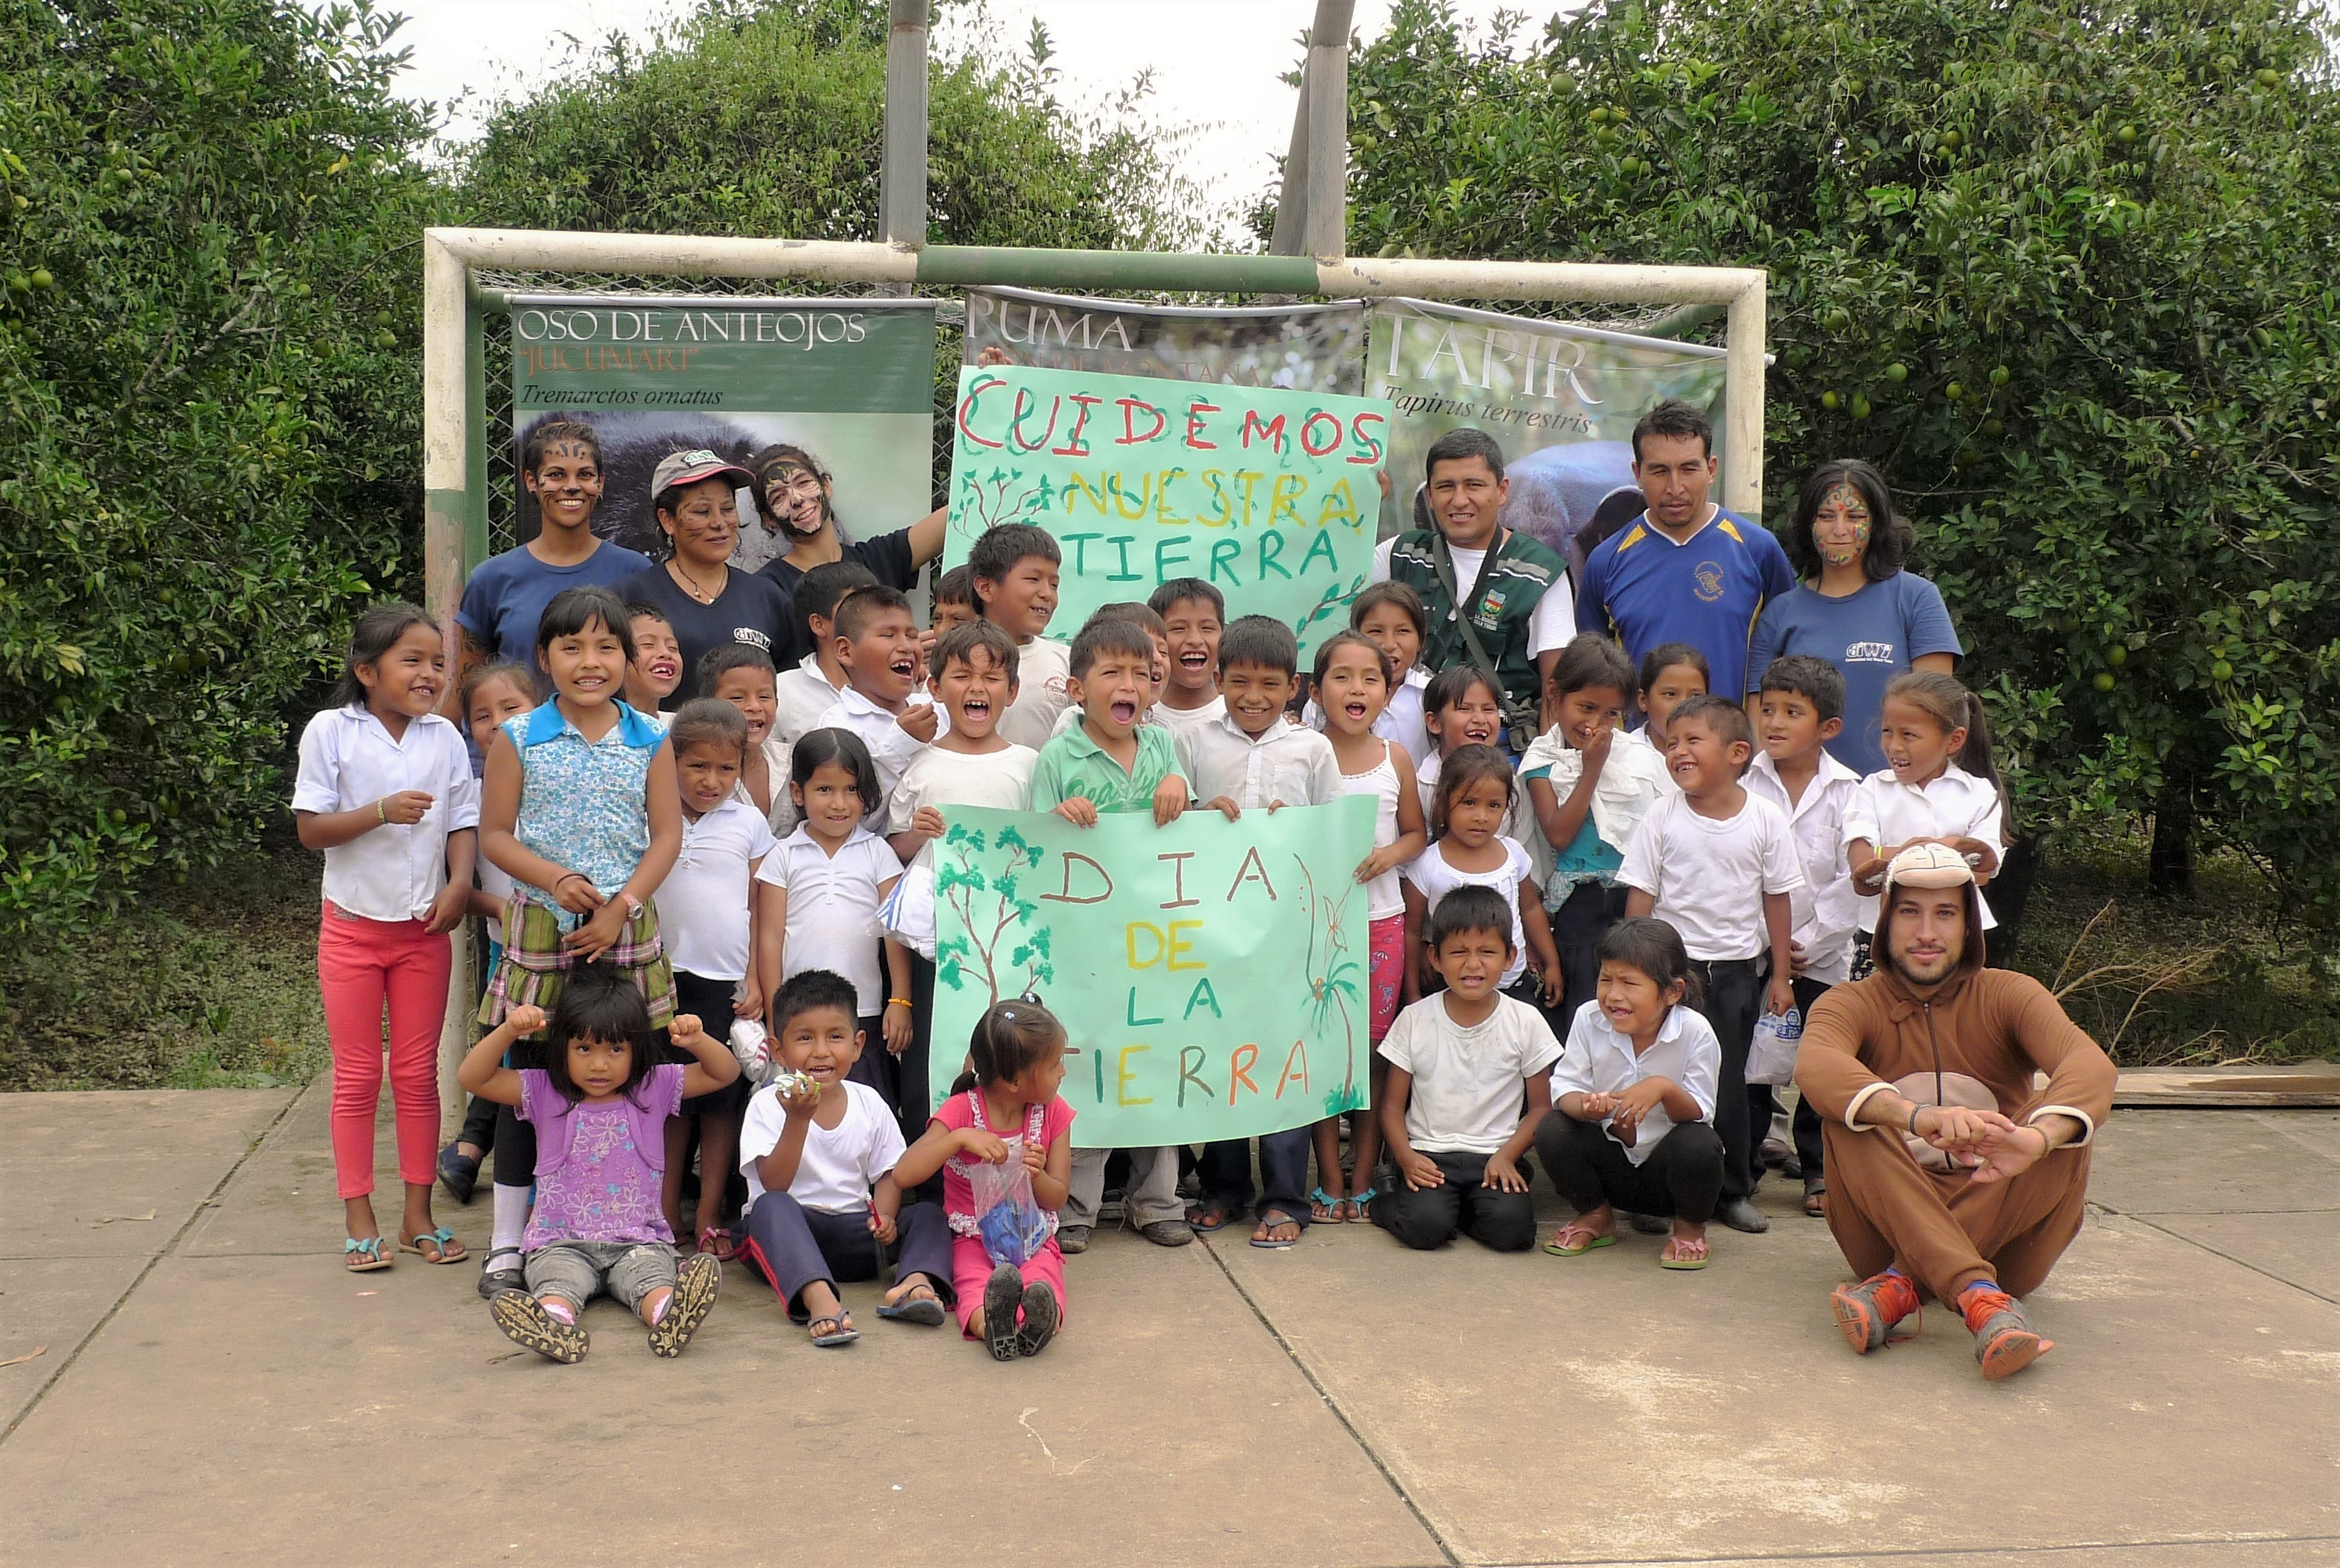 CIWY celebra el Día de la Tierra con un programa educativo en una escuela local